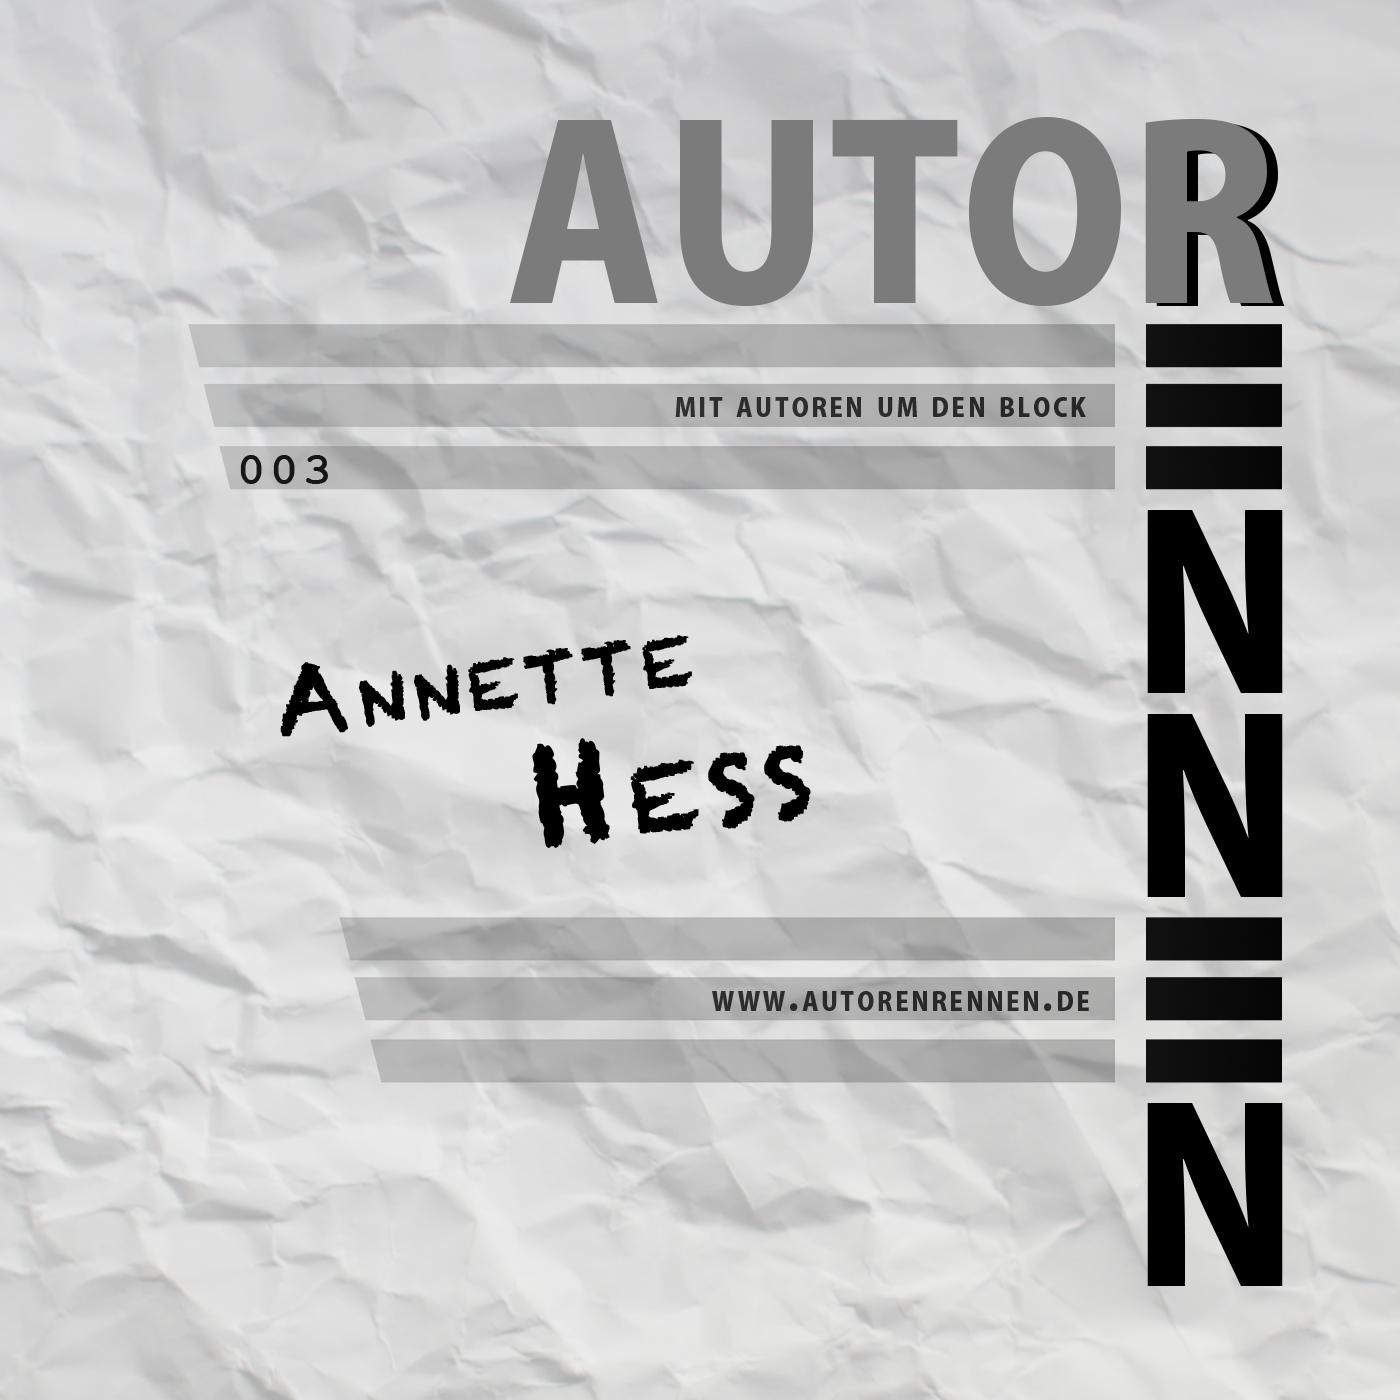 003-Annette-Hess